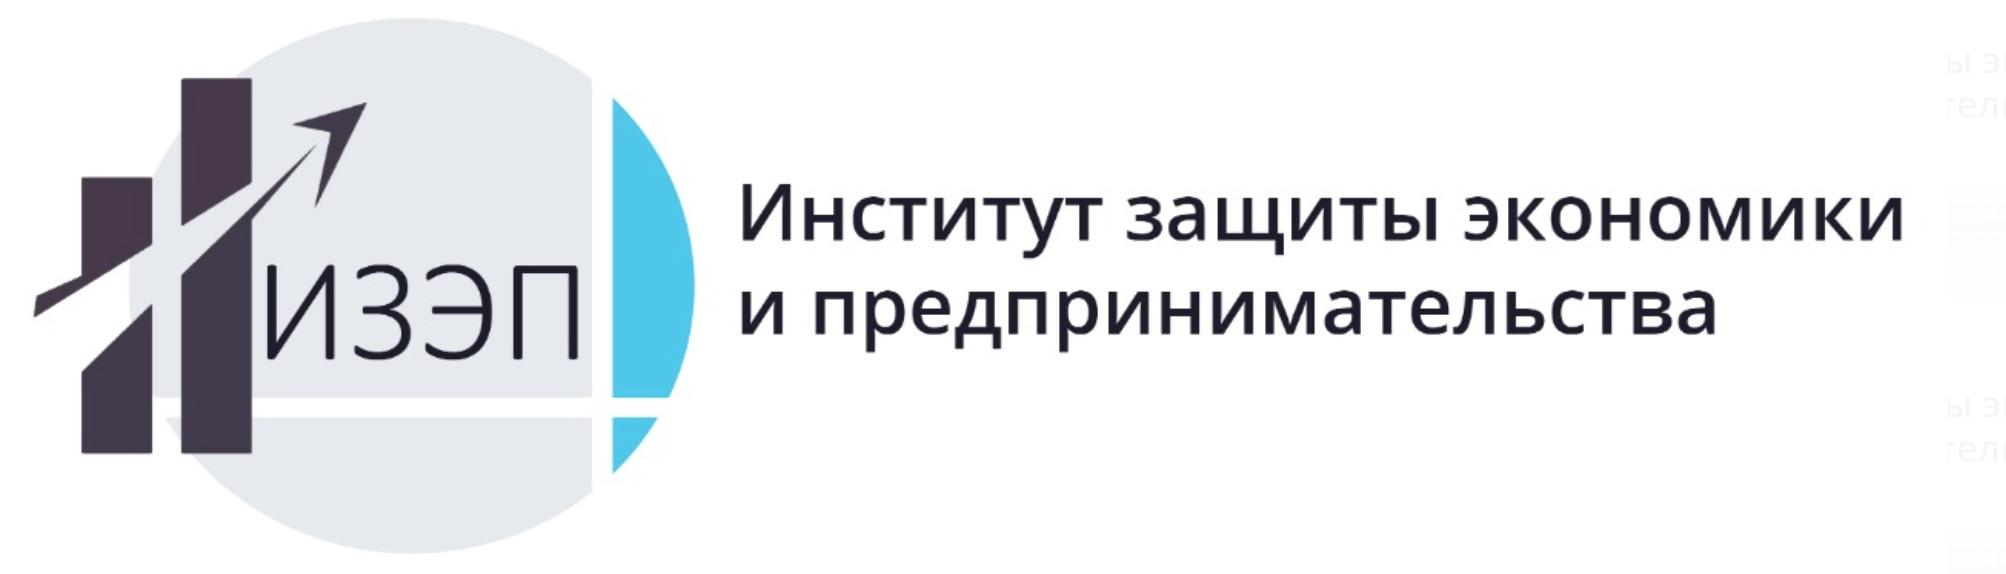 Институт защиты экономики и предпринимательства